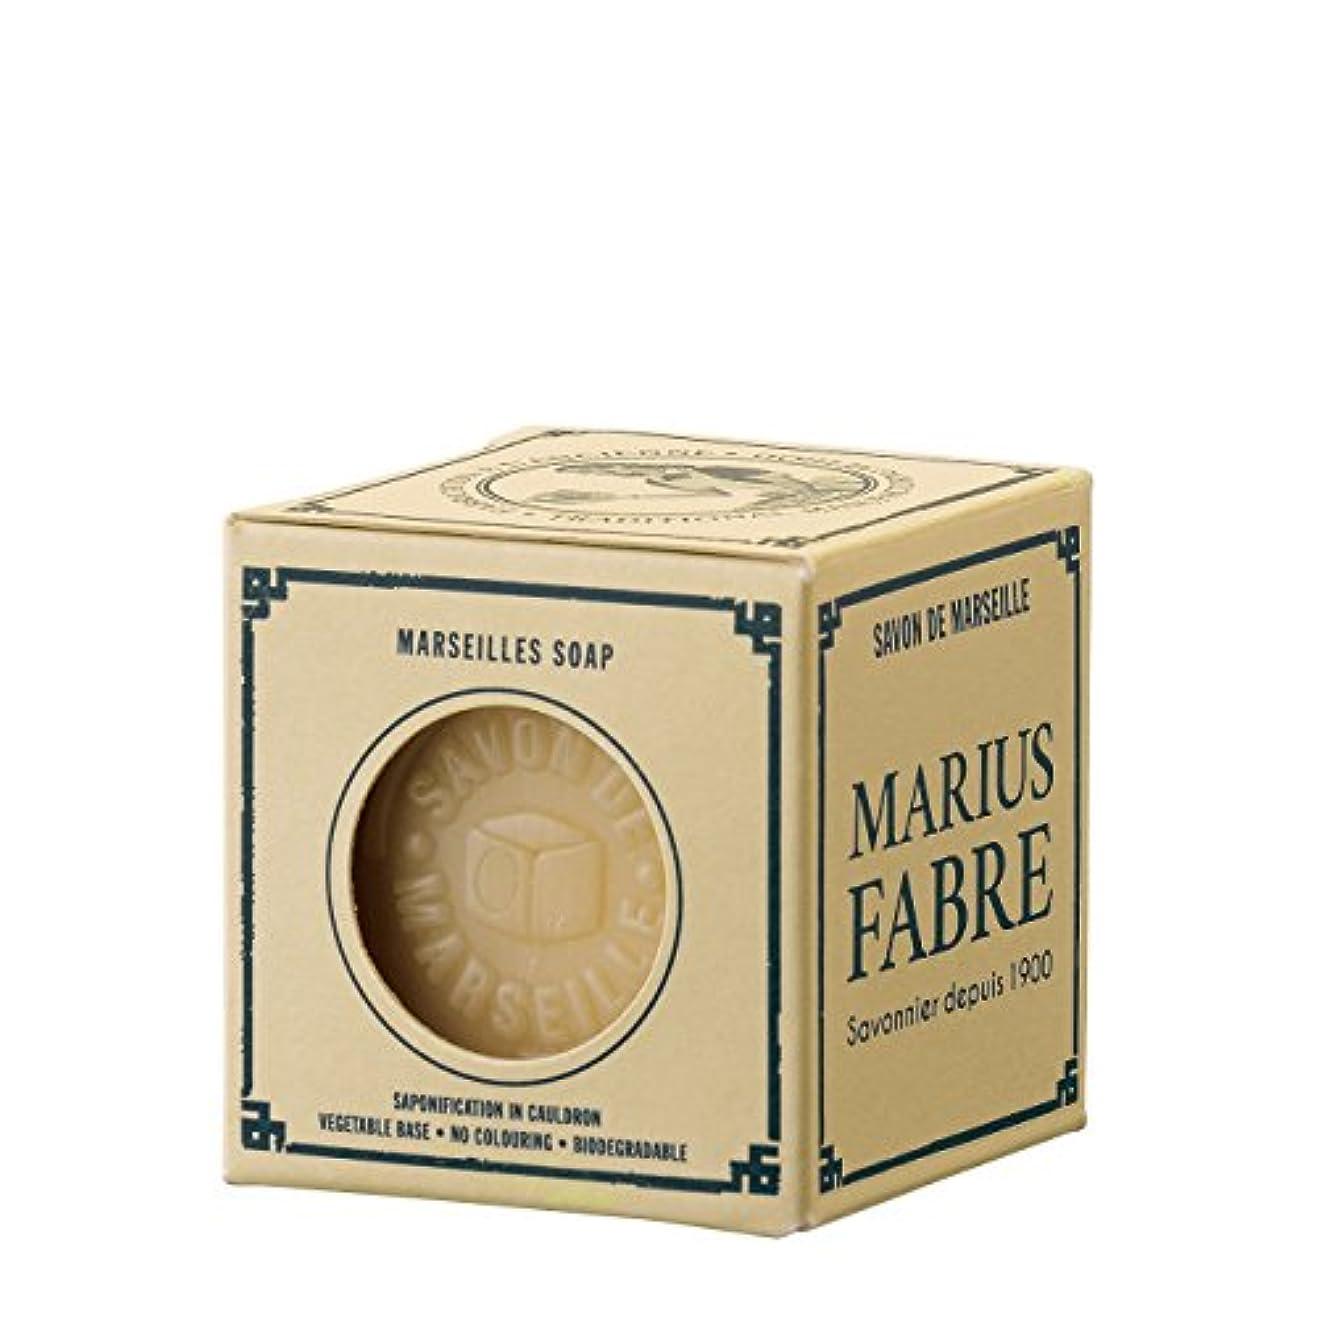 週間欠かせない子羊サボンドマルセイユ ネイチャー パーム (100g)